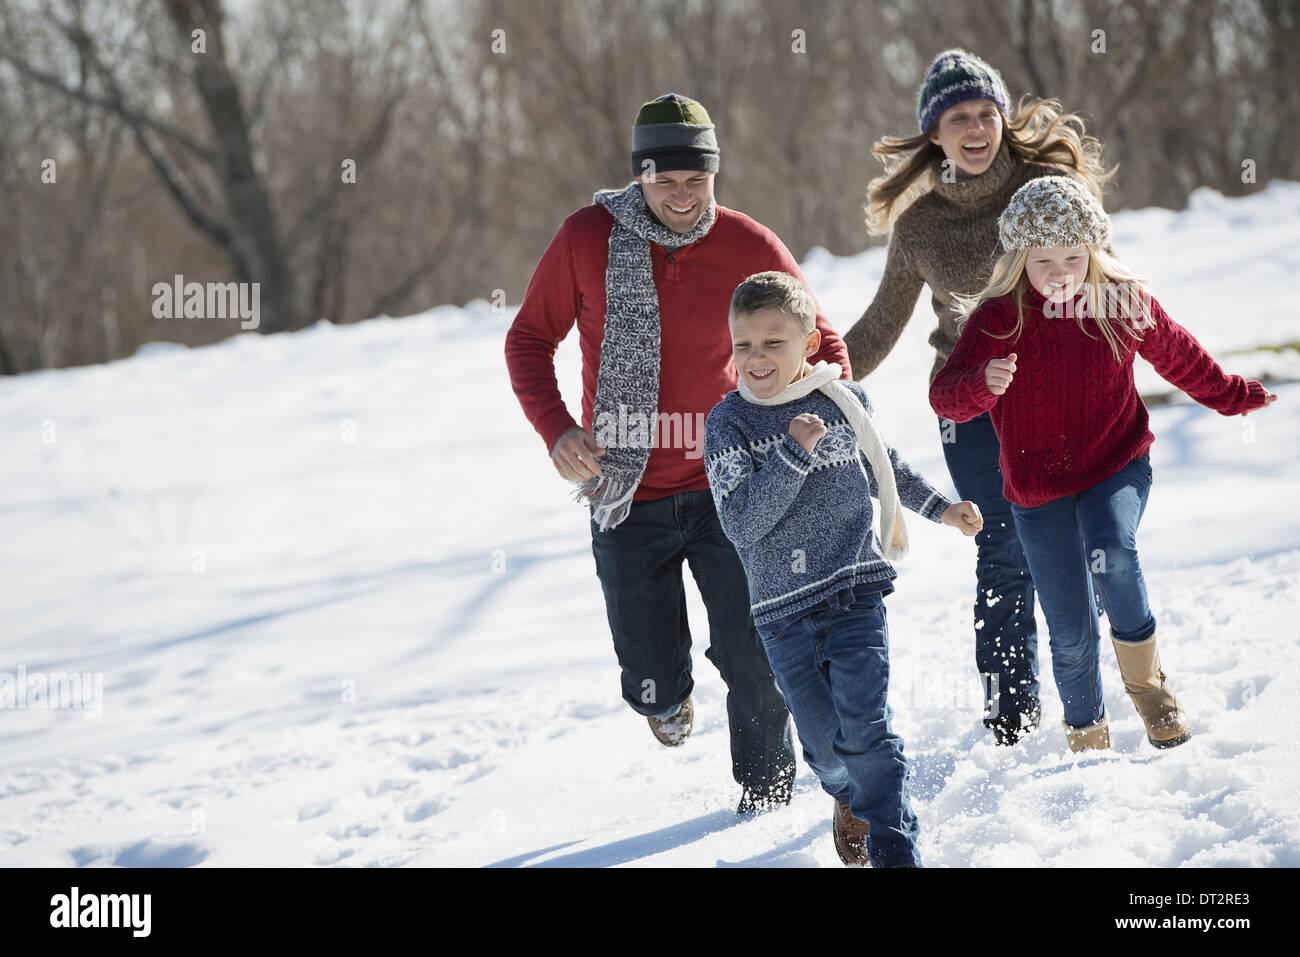 Paysage d'hiver avec neige au sol famille marcher deux adultes courir après deux enfants Photo Stock